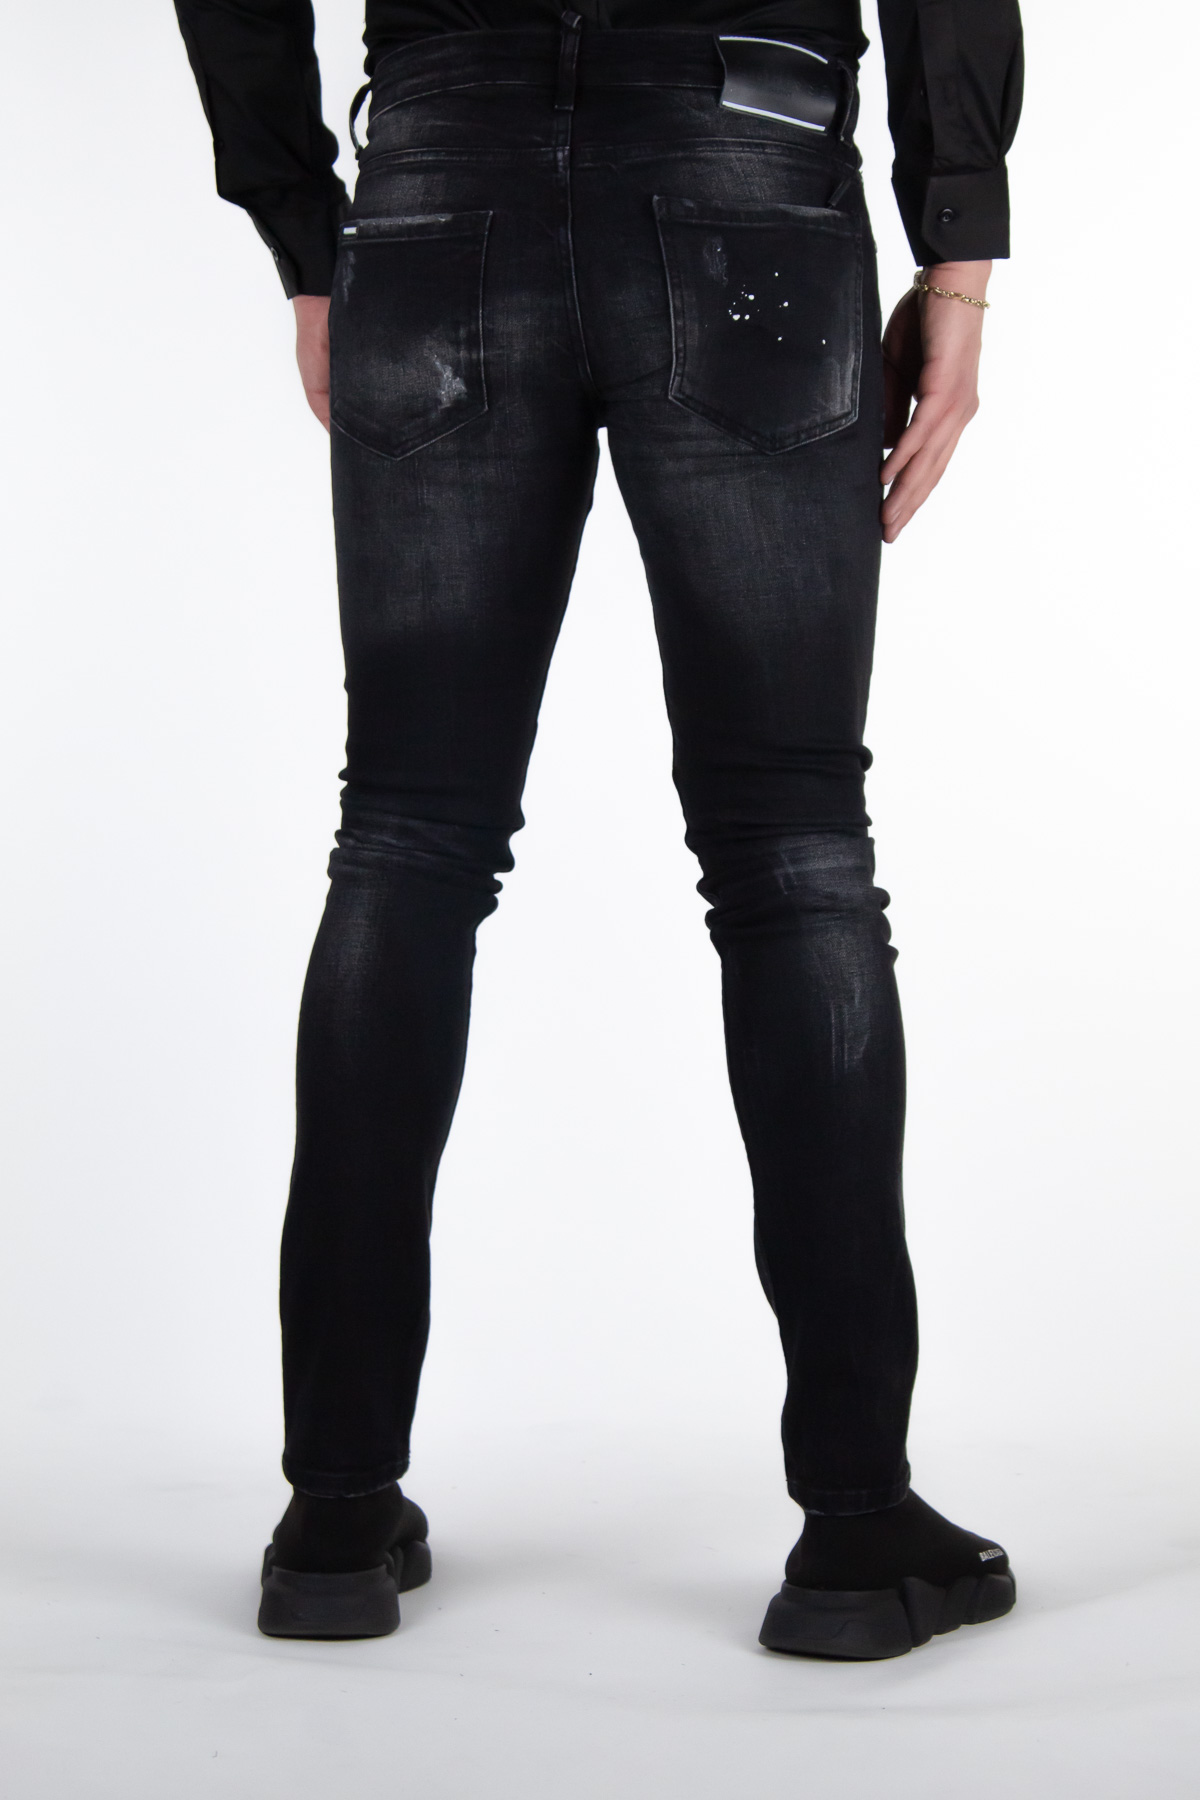 Richesse Geneve Dark Jeans 2239-4